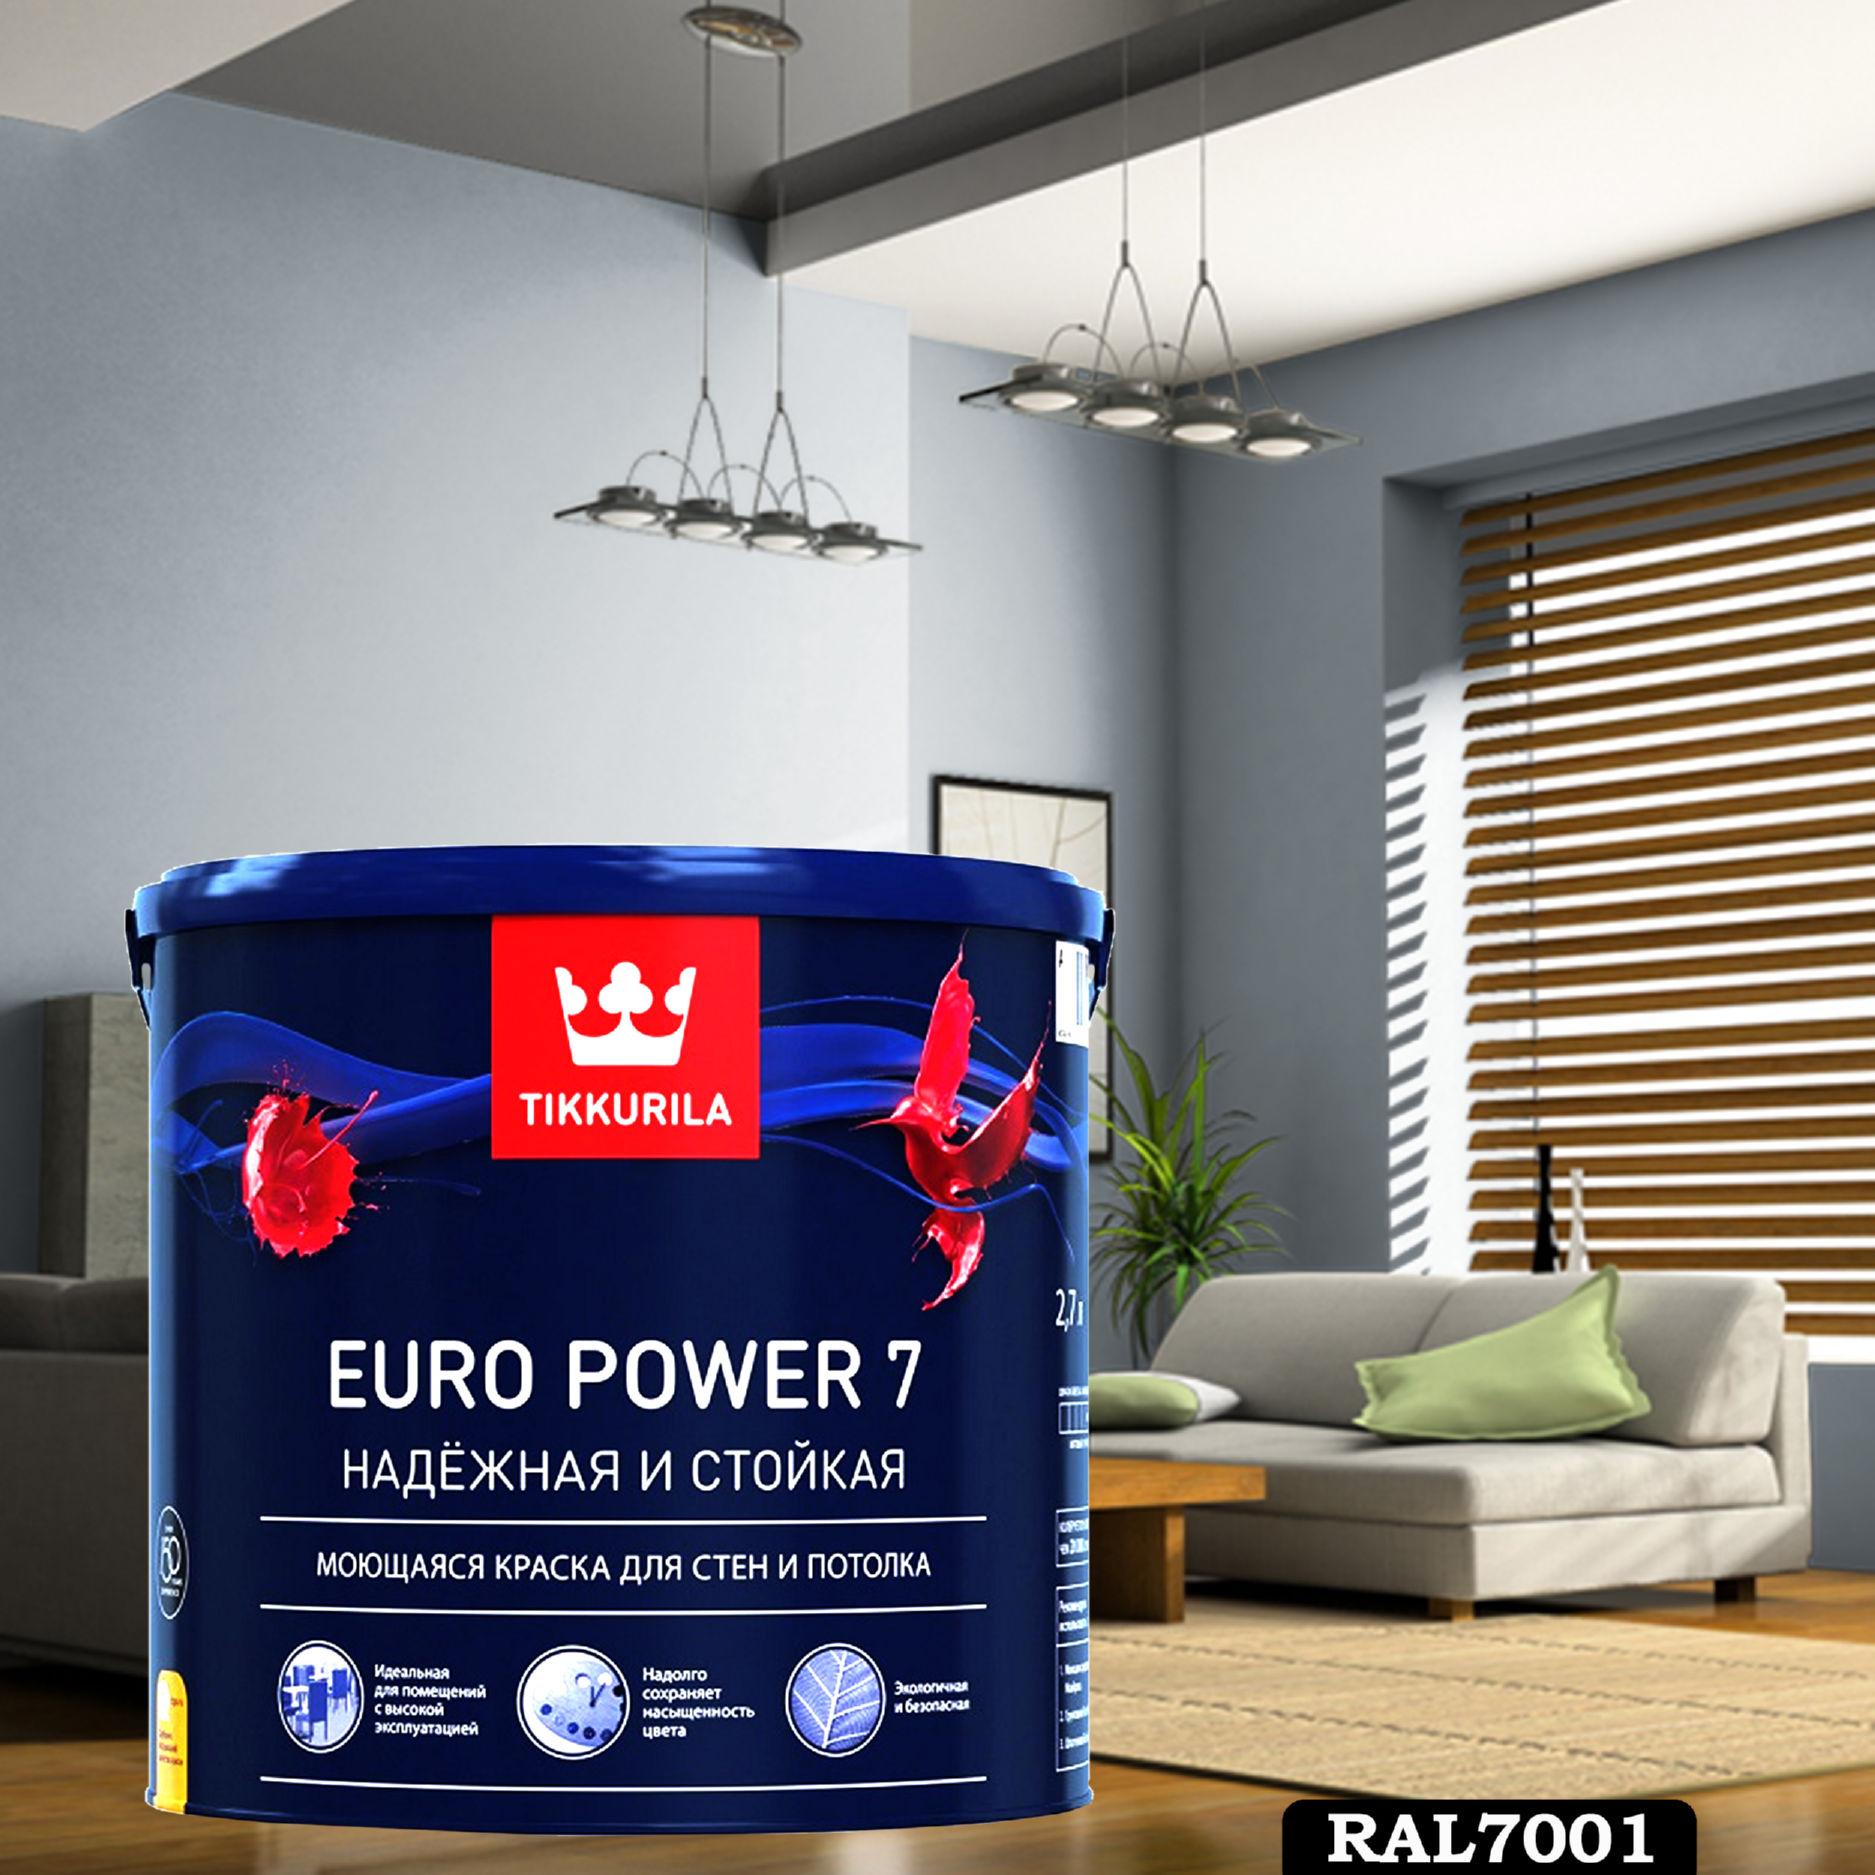 Фото 2 - Краска TIKKURILA Euro Power 7,  RAL 7001 Серебристо-серый, латексная моющаяся матовая интерьерная, 9 л.